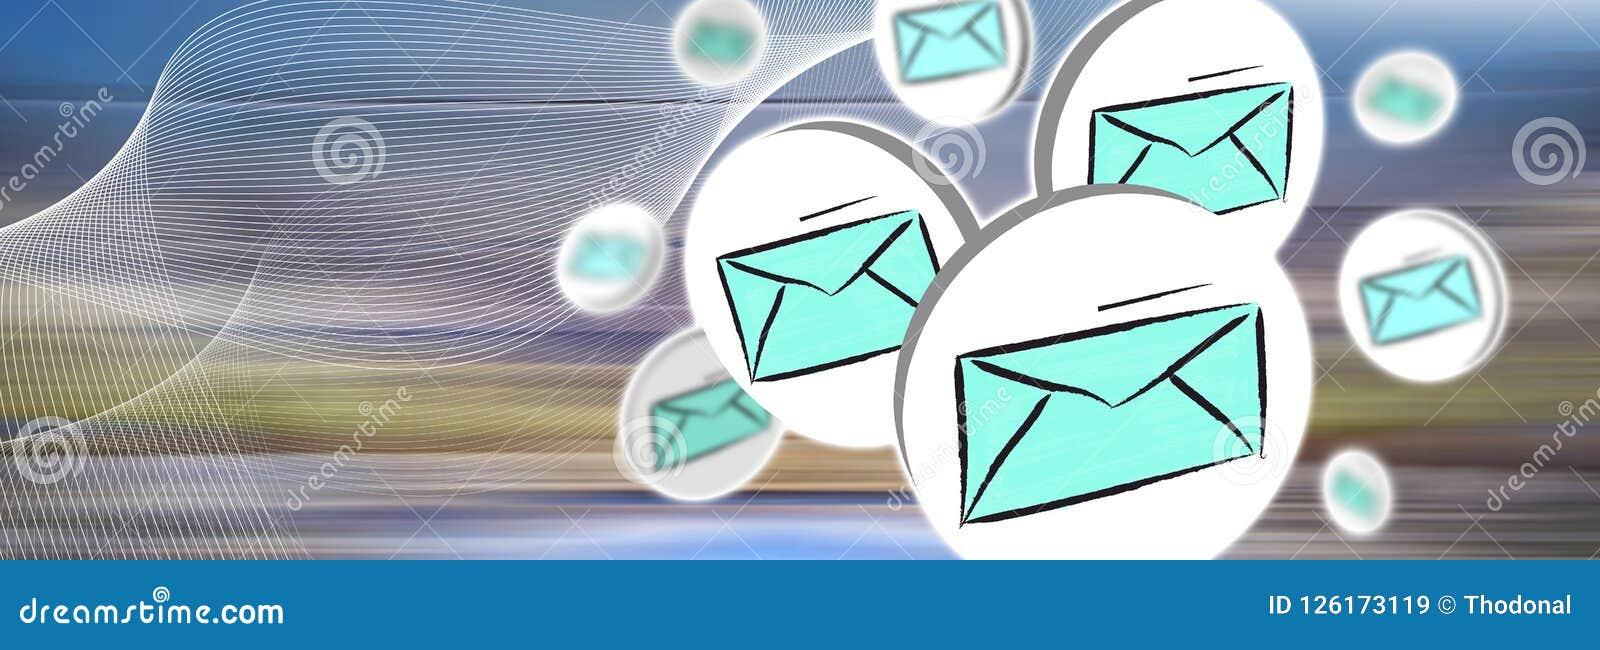 Konzept von E-Mail